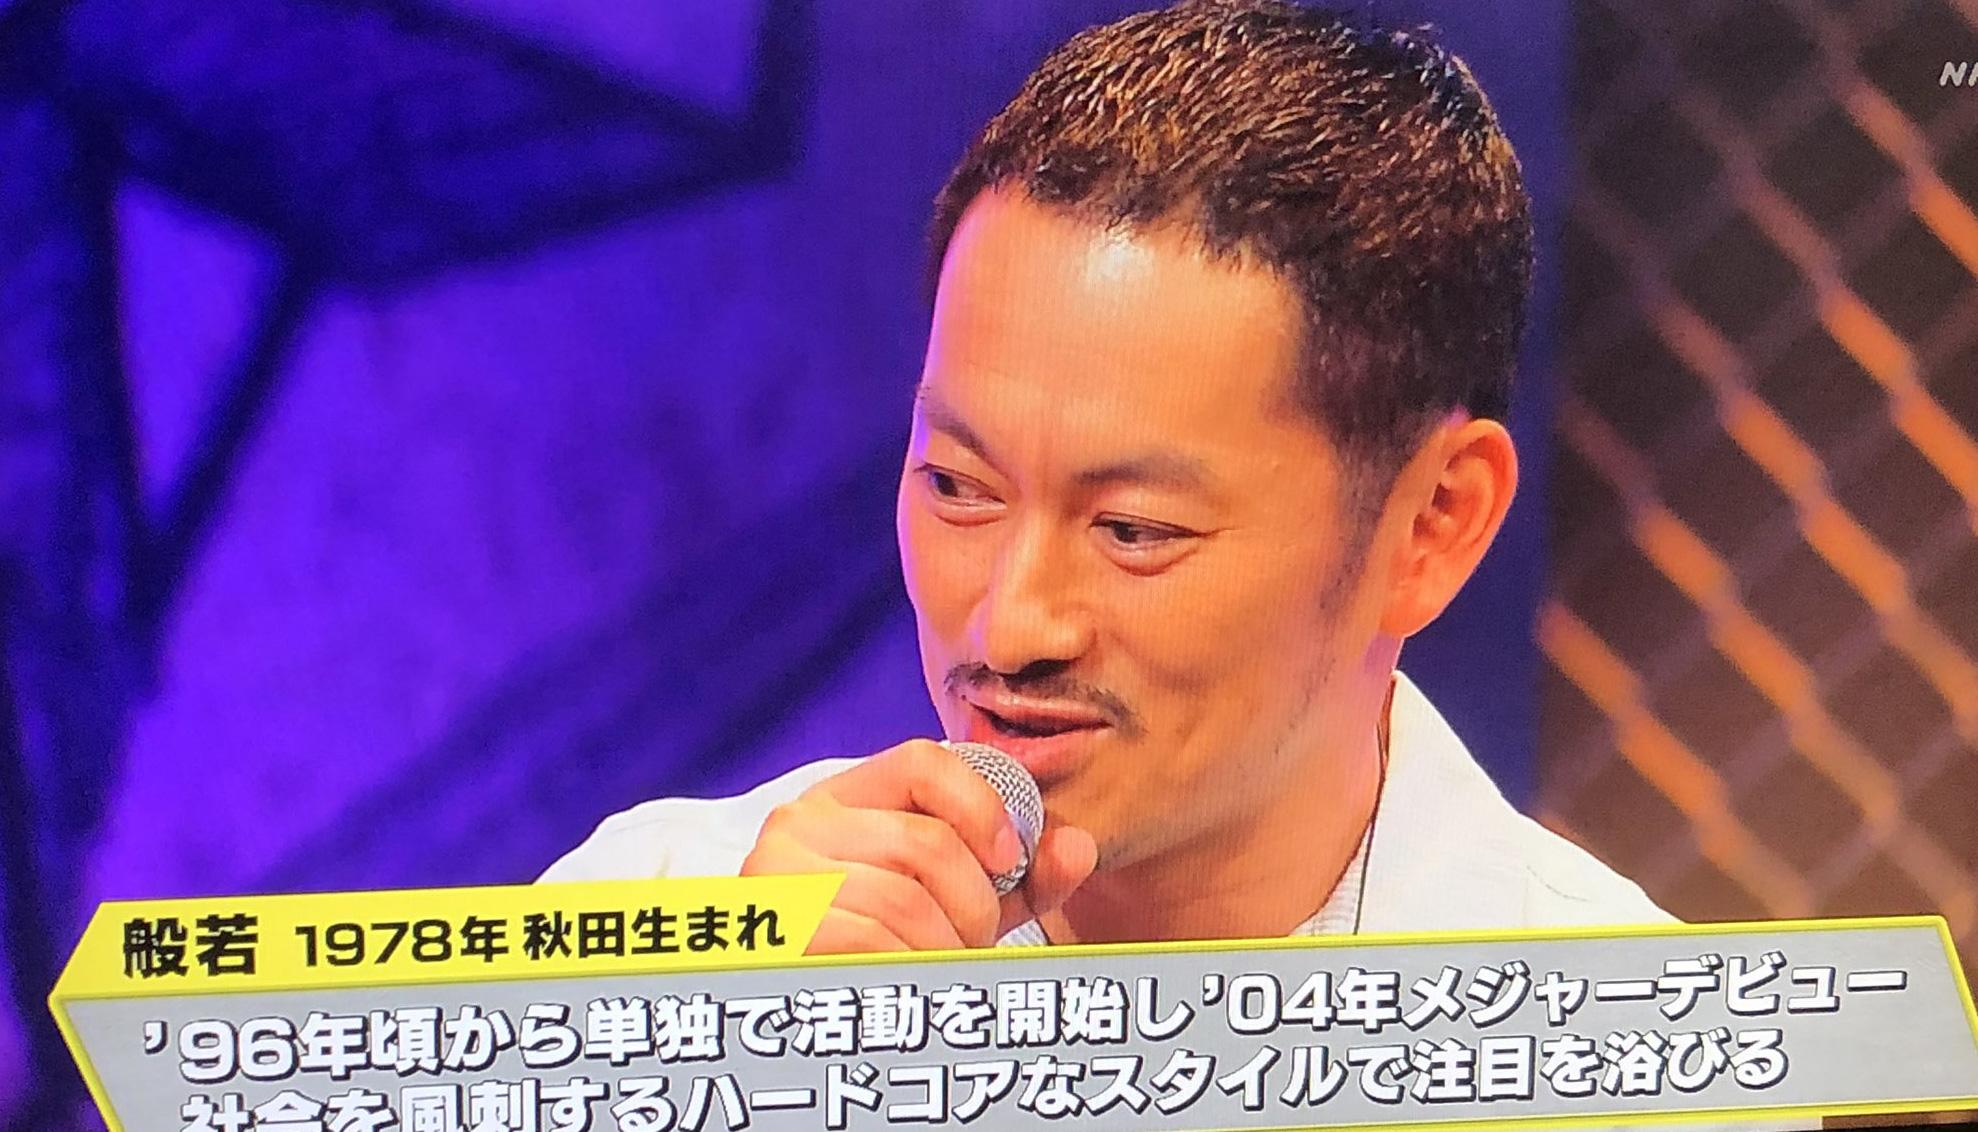 般若 NHK ヤングラップバトル